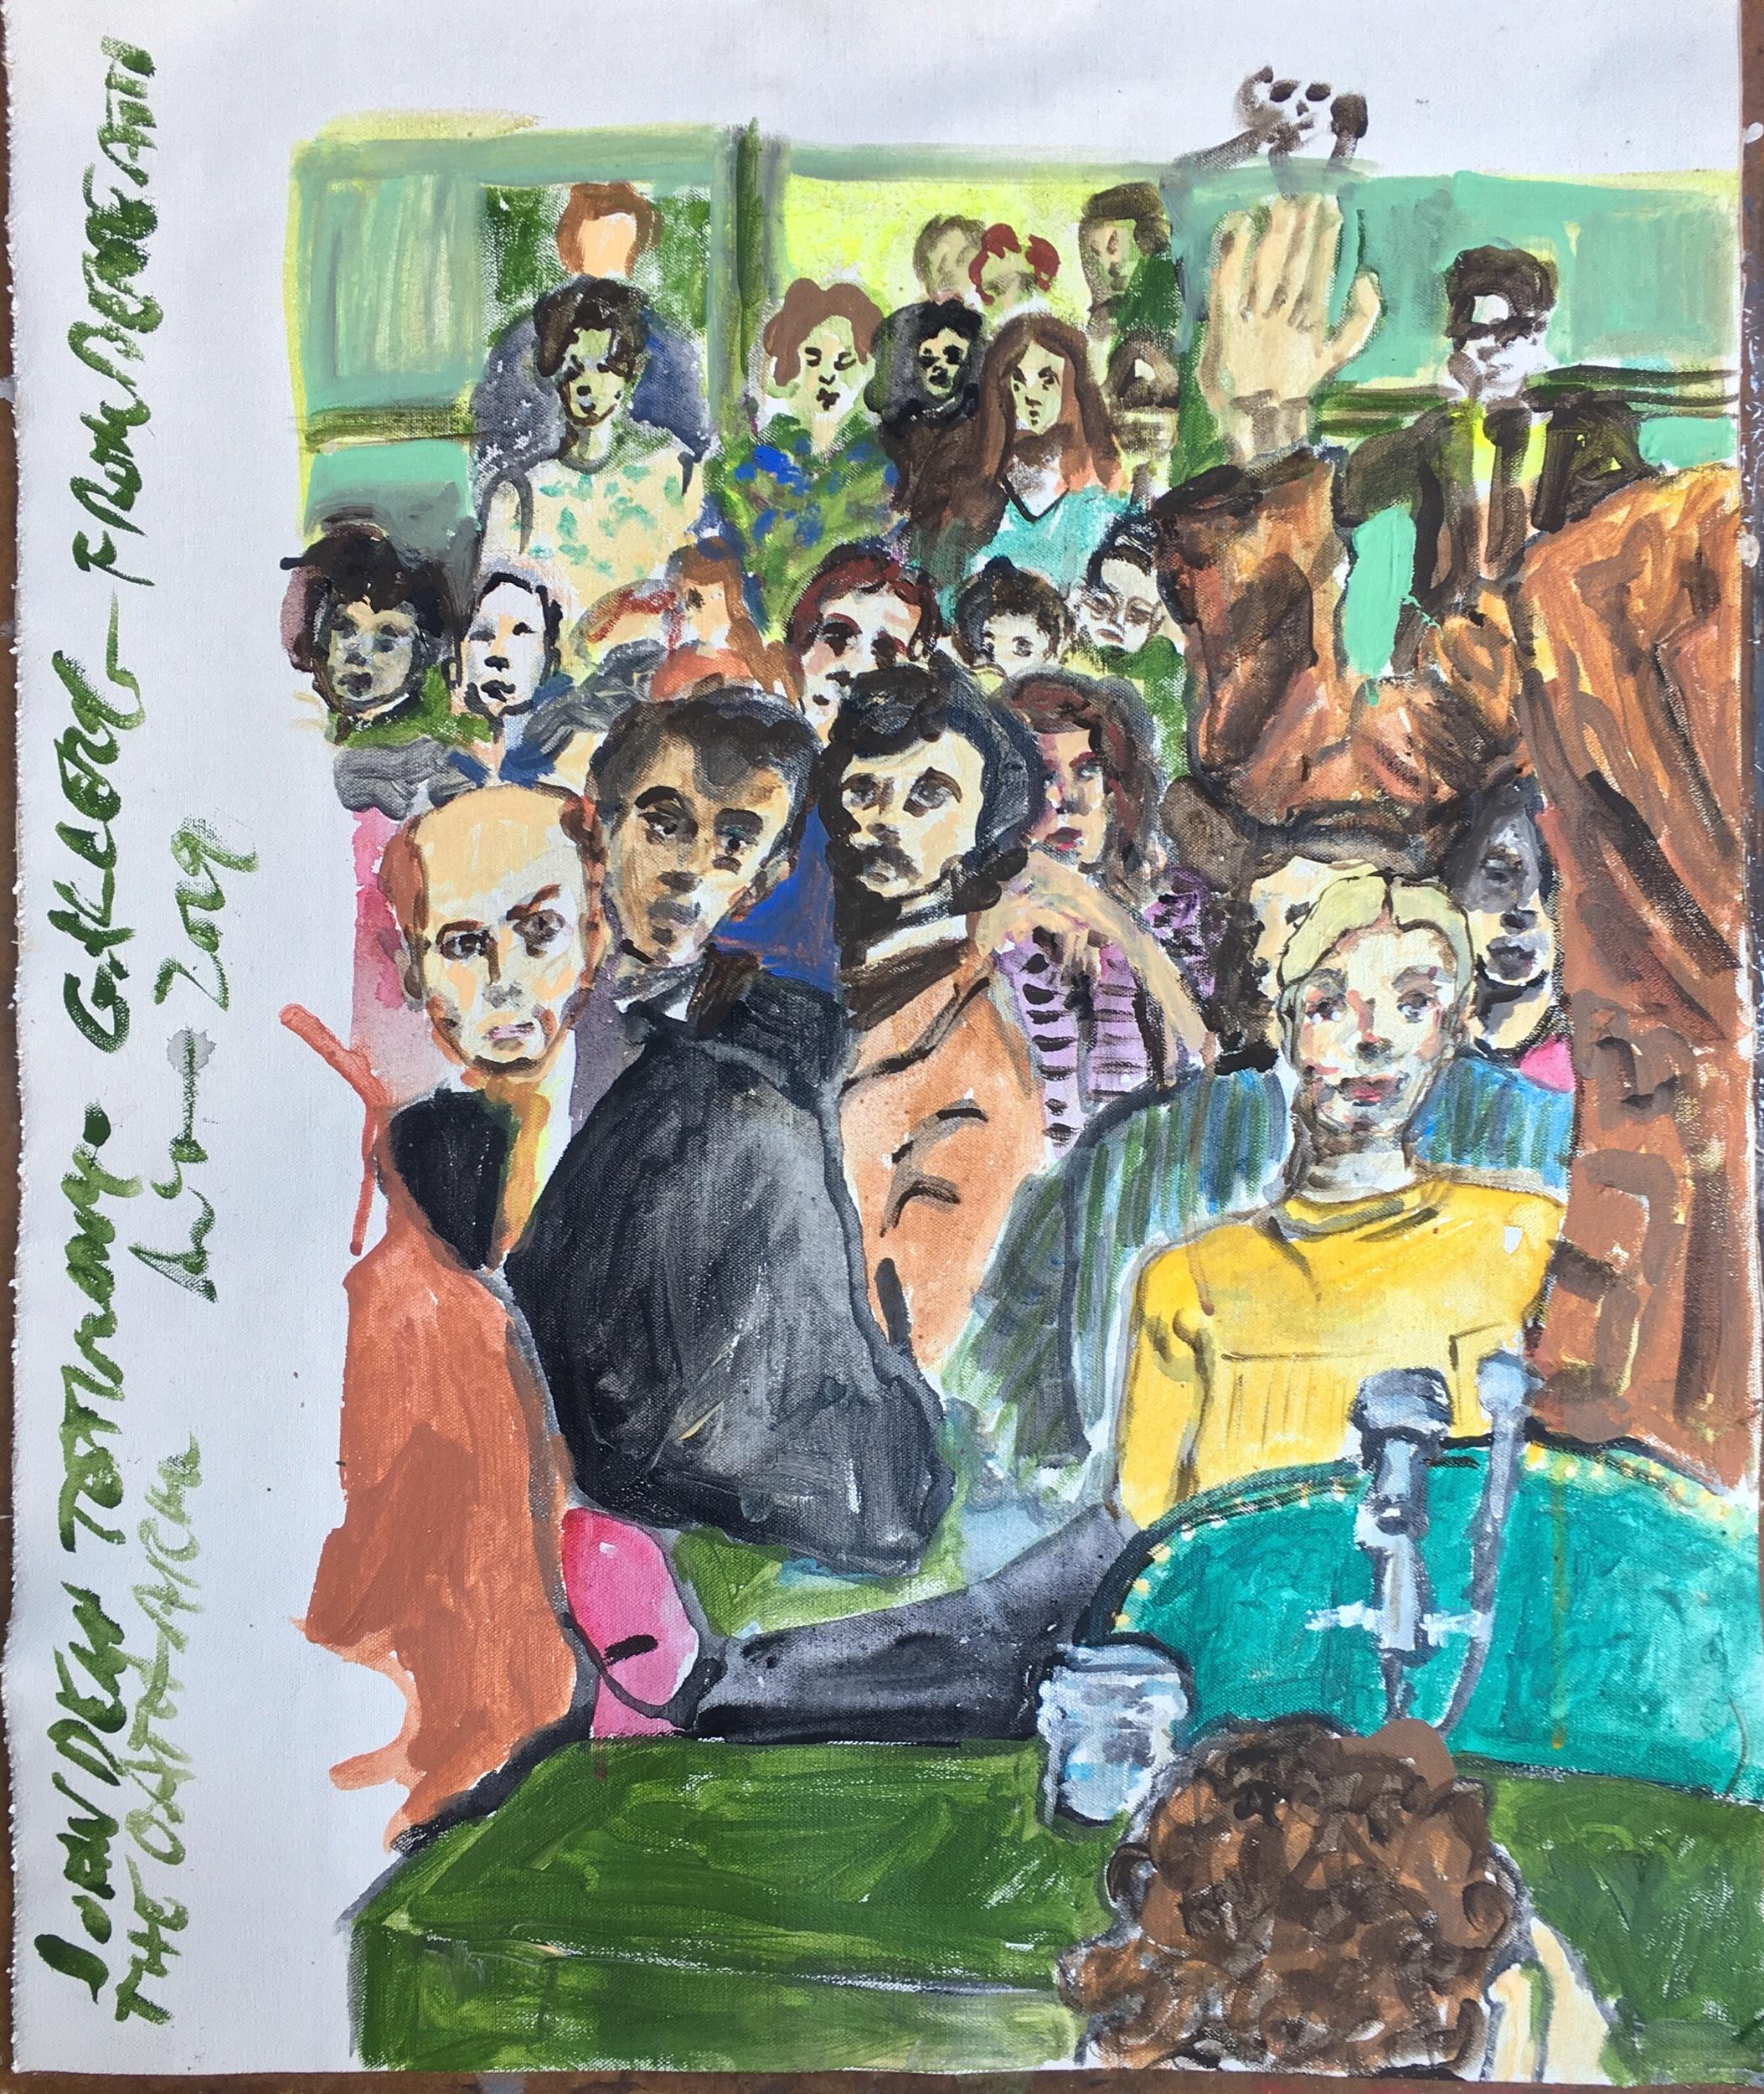 """Ami Tallman, John Dean Testimony, gouache and oil on canvas, 24"""" x 19.5"""", 2019  Available. Contact me regarding exhibition or sale."""